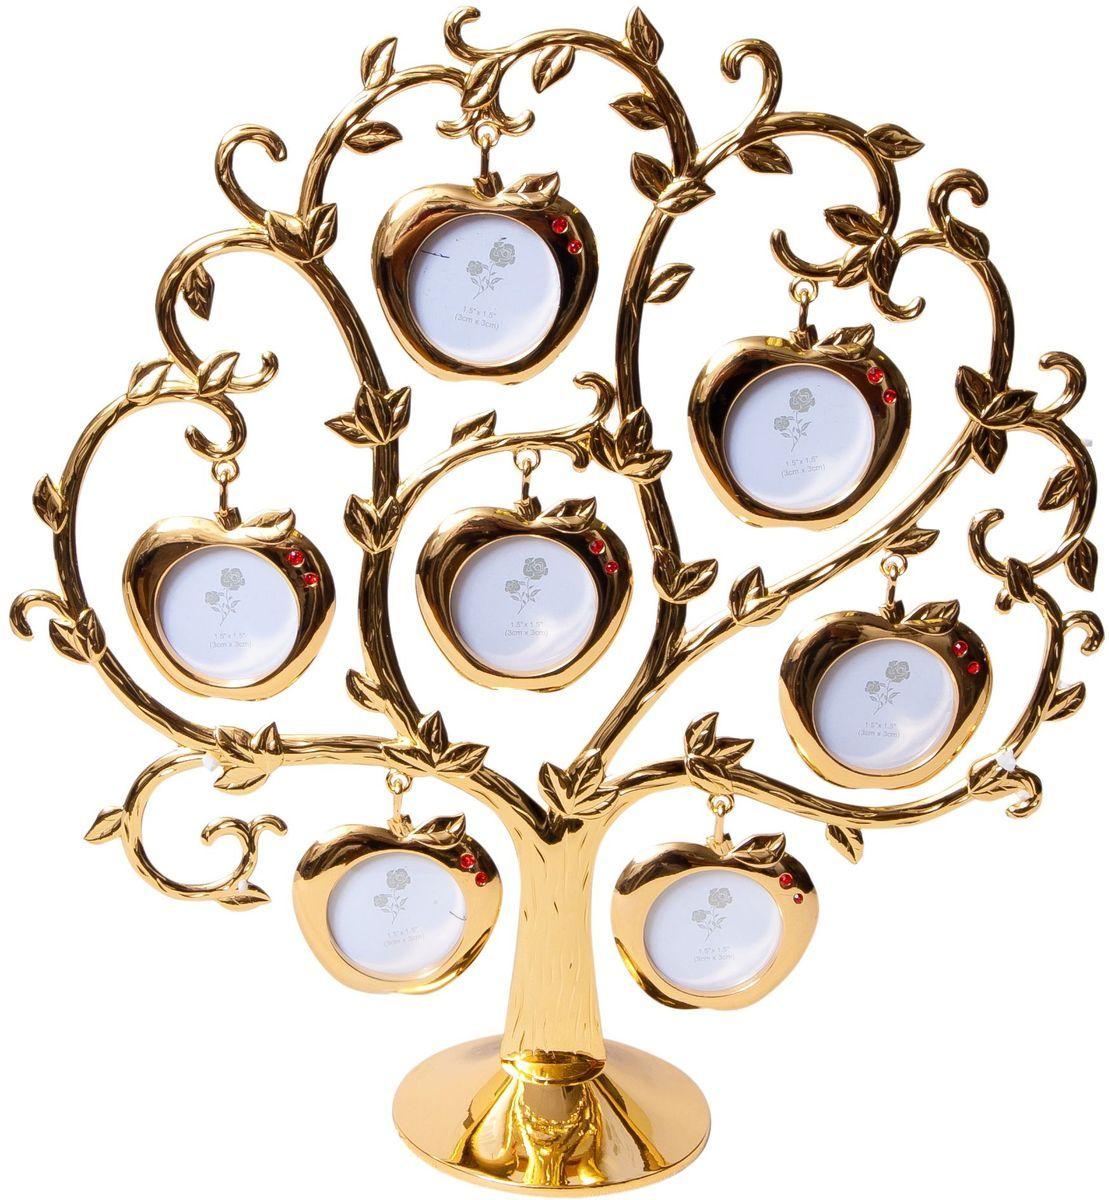 Фоторамка декоративная Platinum Дерево. Яблоки, на 7 фото, высота 26 см. PF9460ASG7 фоторамок на дереве PF9460ASG GOLDРодословное дерево с фото 4x4 см, снимки размещаются в семи подвесных фоторамках в виде яблок.